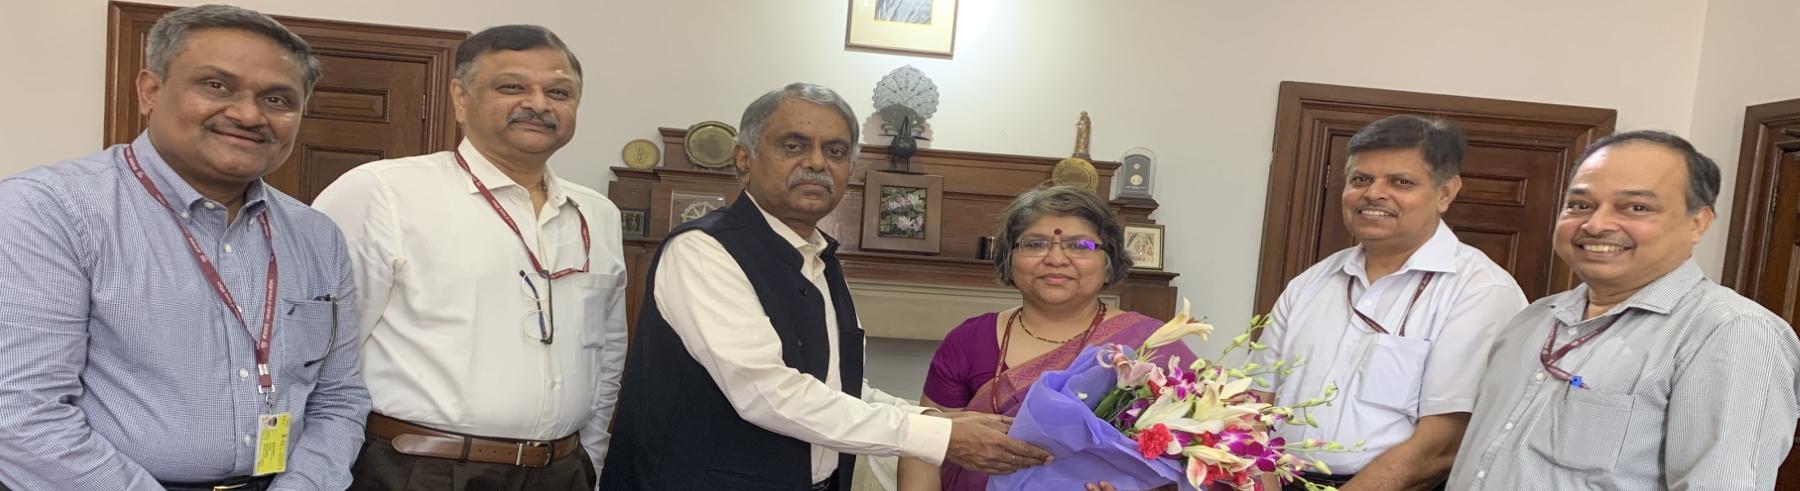 कार्मिक एवं प्रशिक्षण विभाग के वरिष्ठ अधिकारियों के द्वारा मंत्रीमंडल सचिव की सेवानिवृति के अवसर पर उन्हें पुष्पगुच्छ प्रदान करते हुए